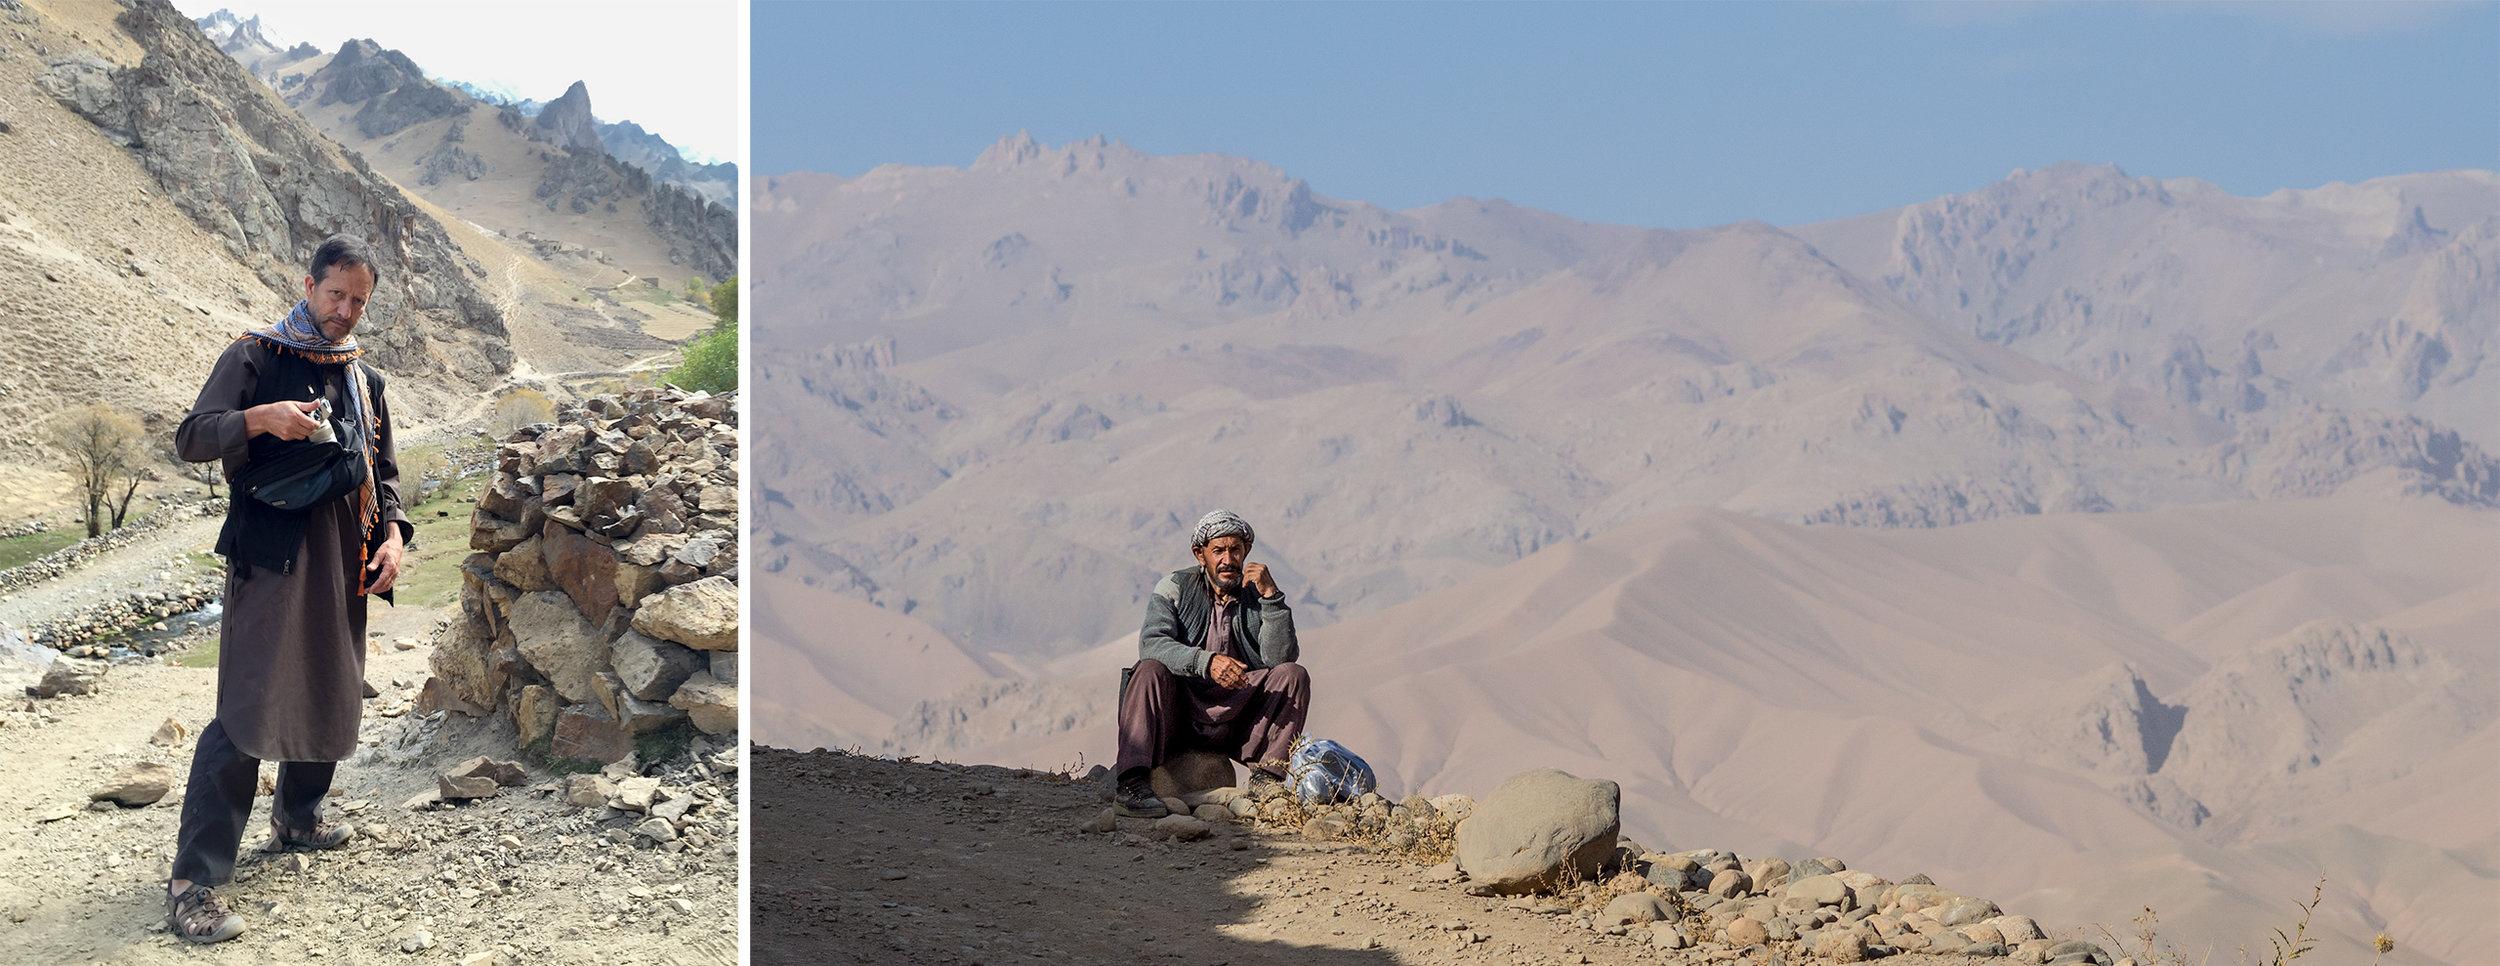 Jarwazi Valley, Afghanistan